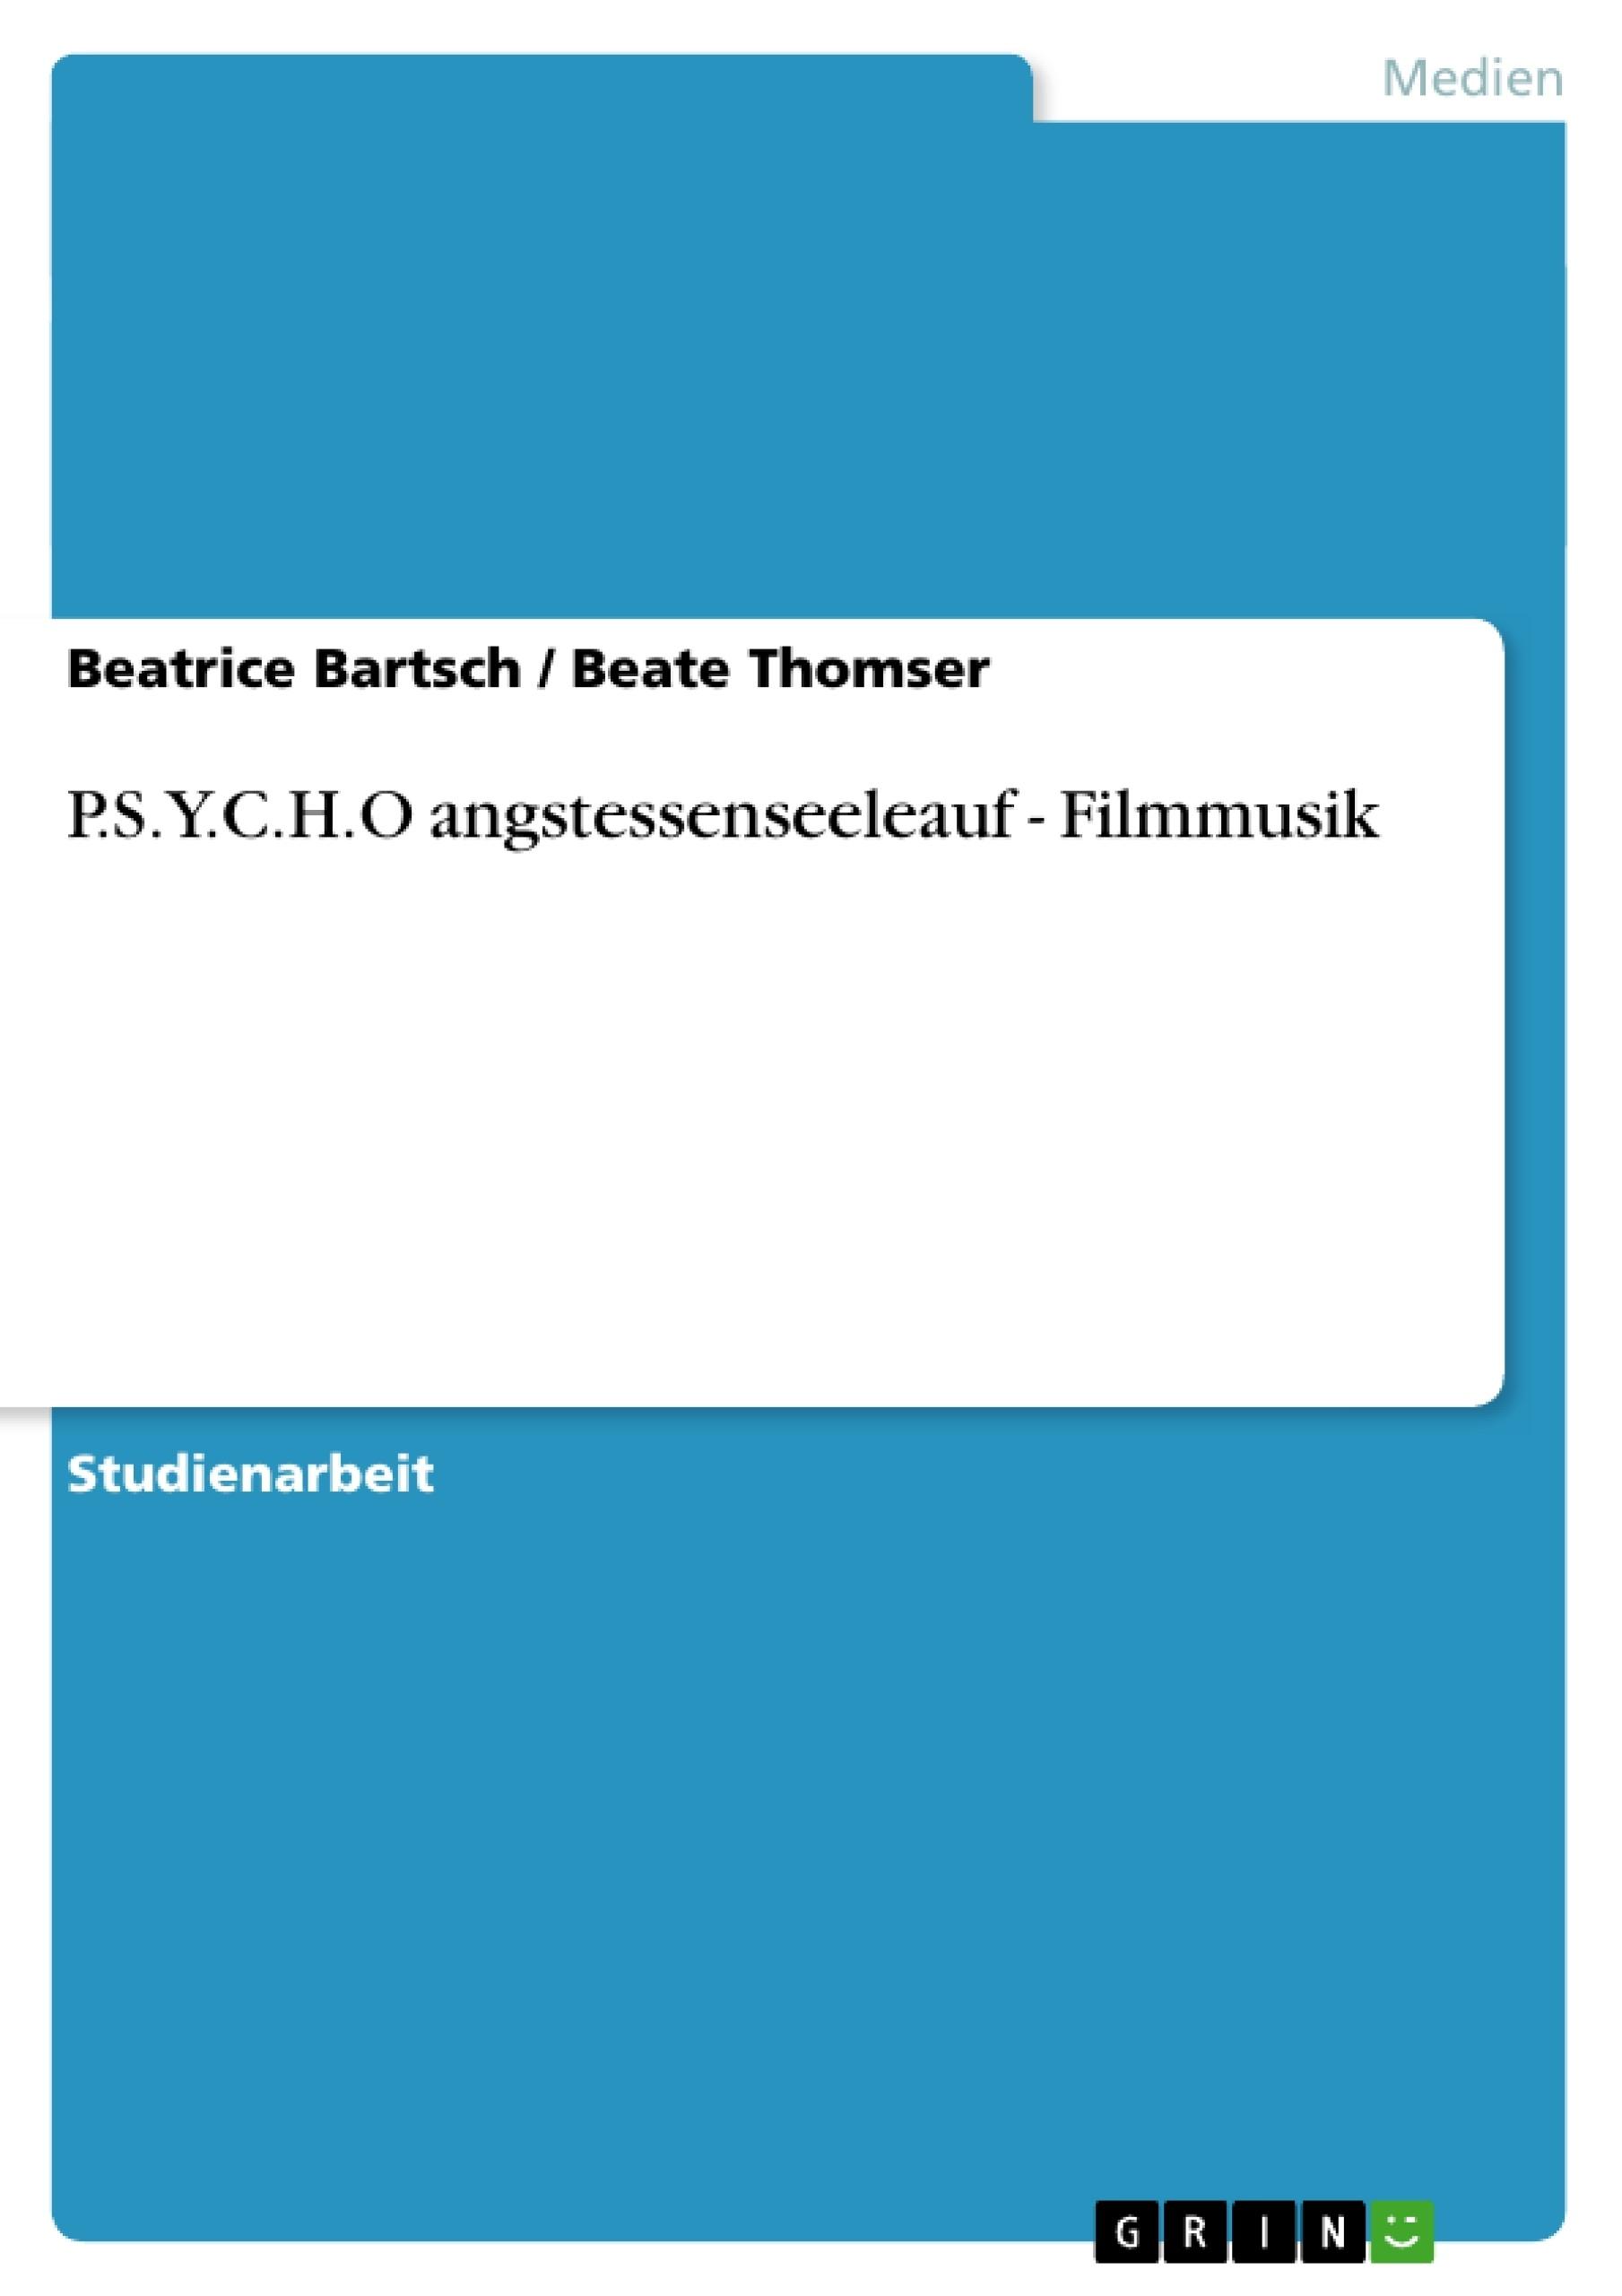 Titel: P.S.Y.C.H.O angstessenseeleauf - Filmmusik